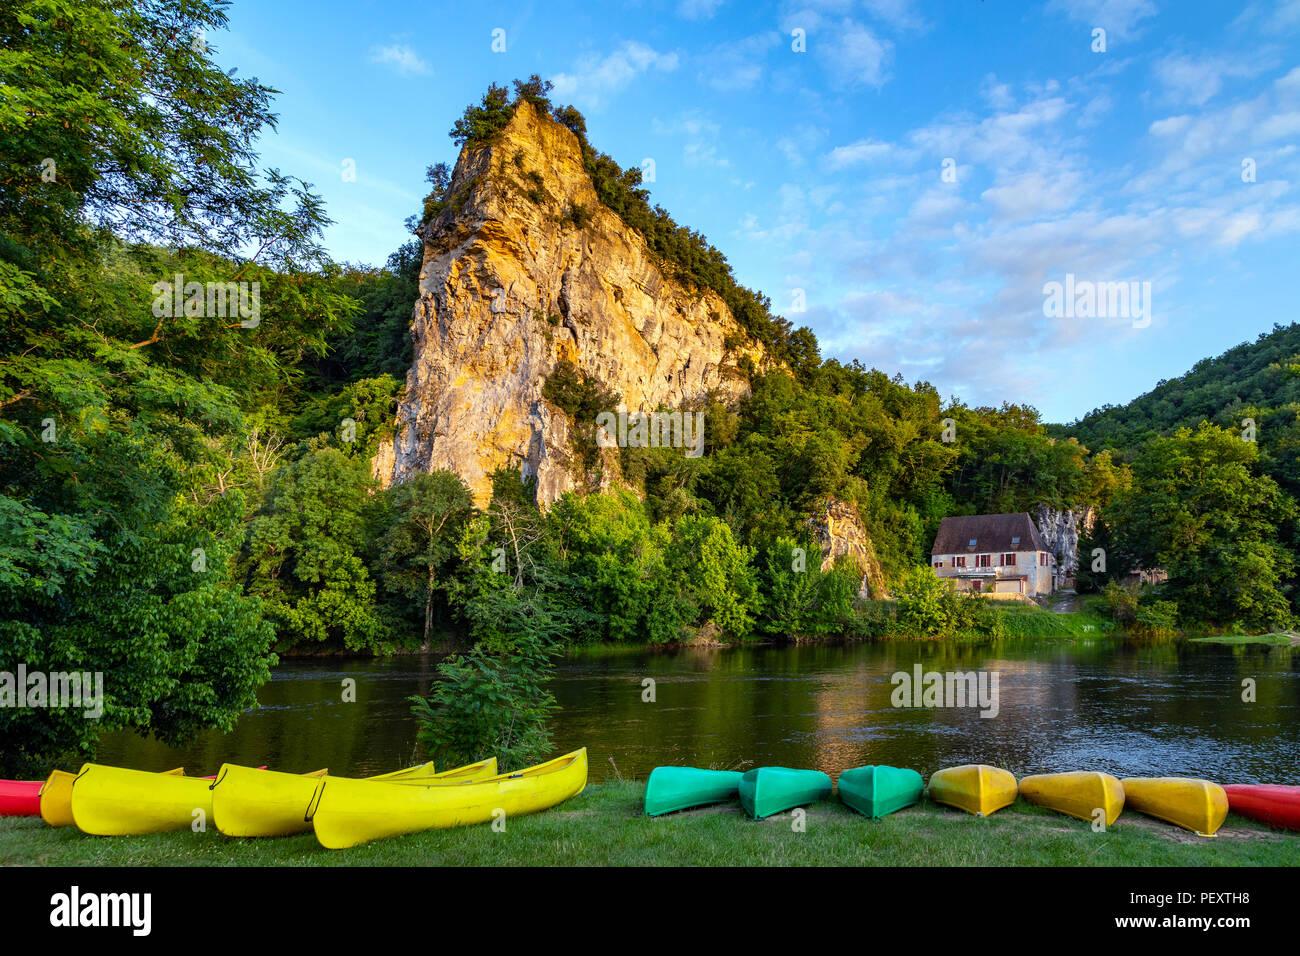 Am späten Nachmittag Sonne auf einer malerischen Landschaft am Fluss Dordogne in der Nouvelle-Aquitaine Region in Frankreich Stockbild